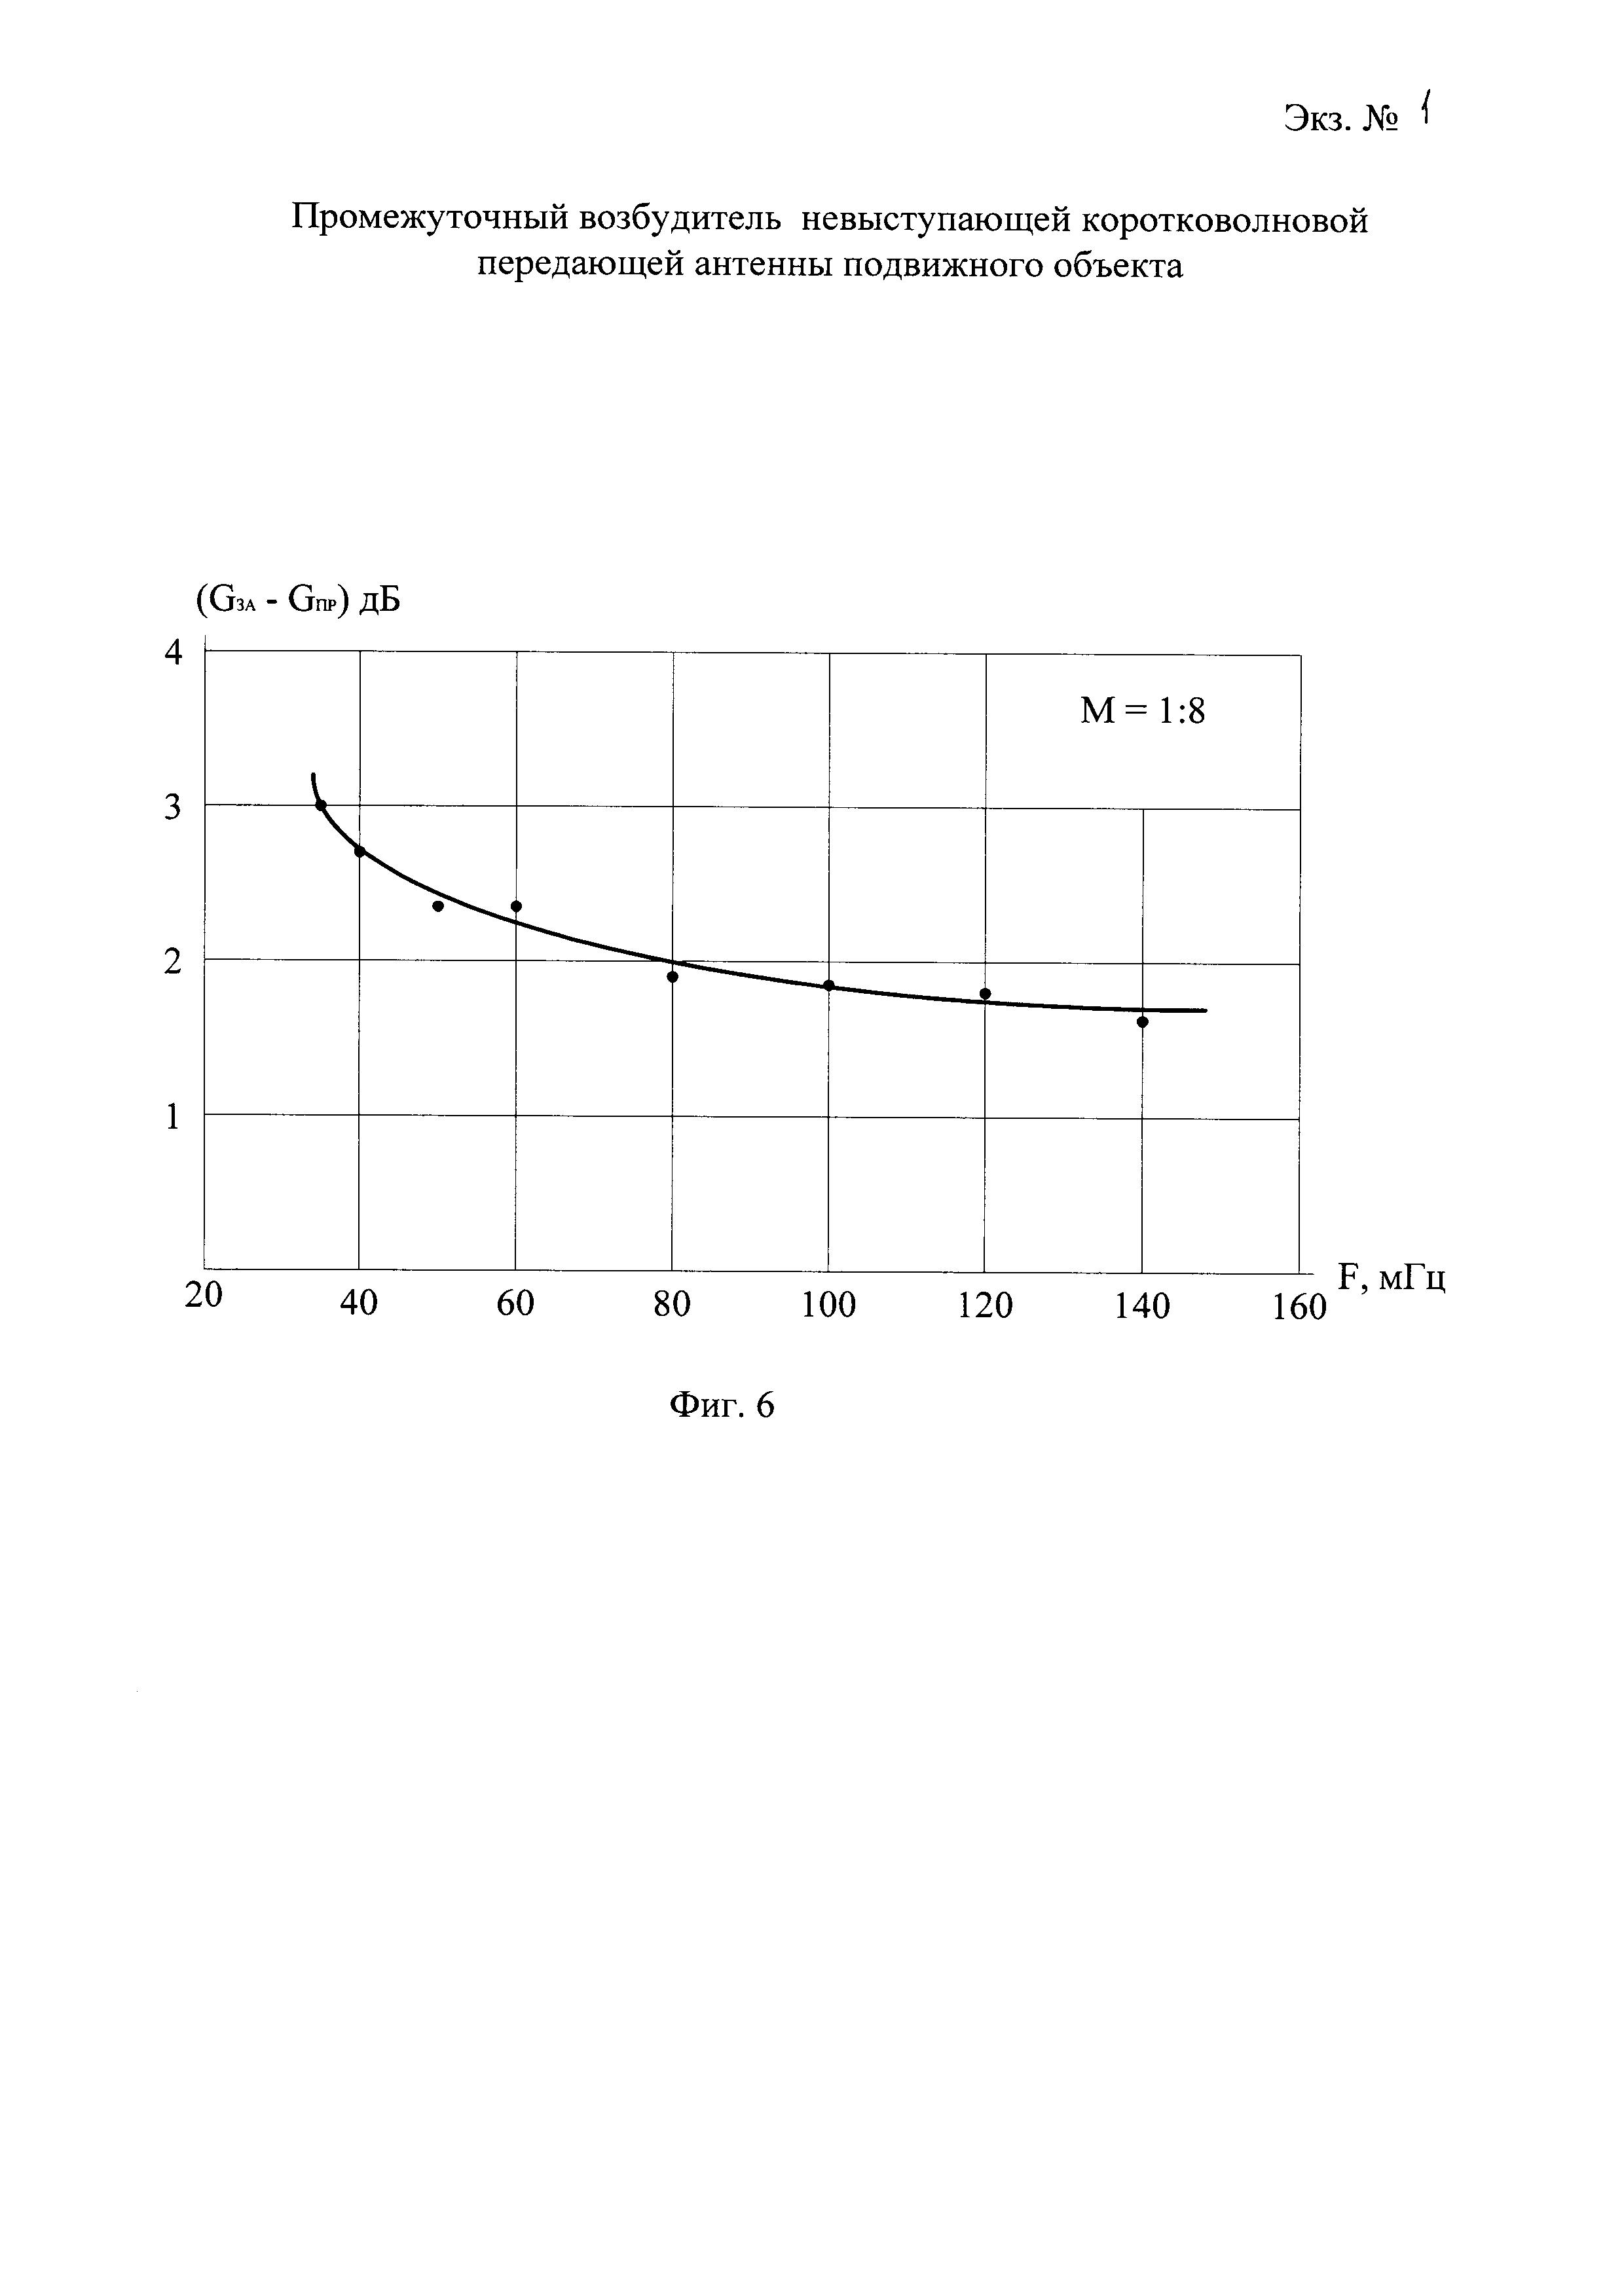 Промежуточный возбудитель невыступающей коротковолновой передающей антенны подвижного объекта